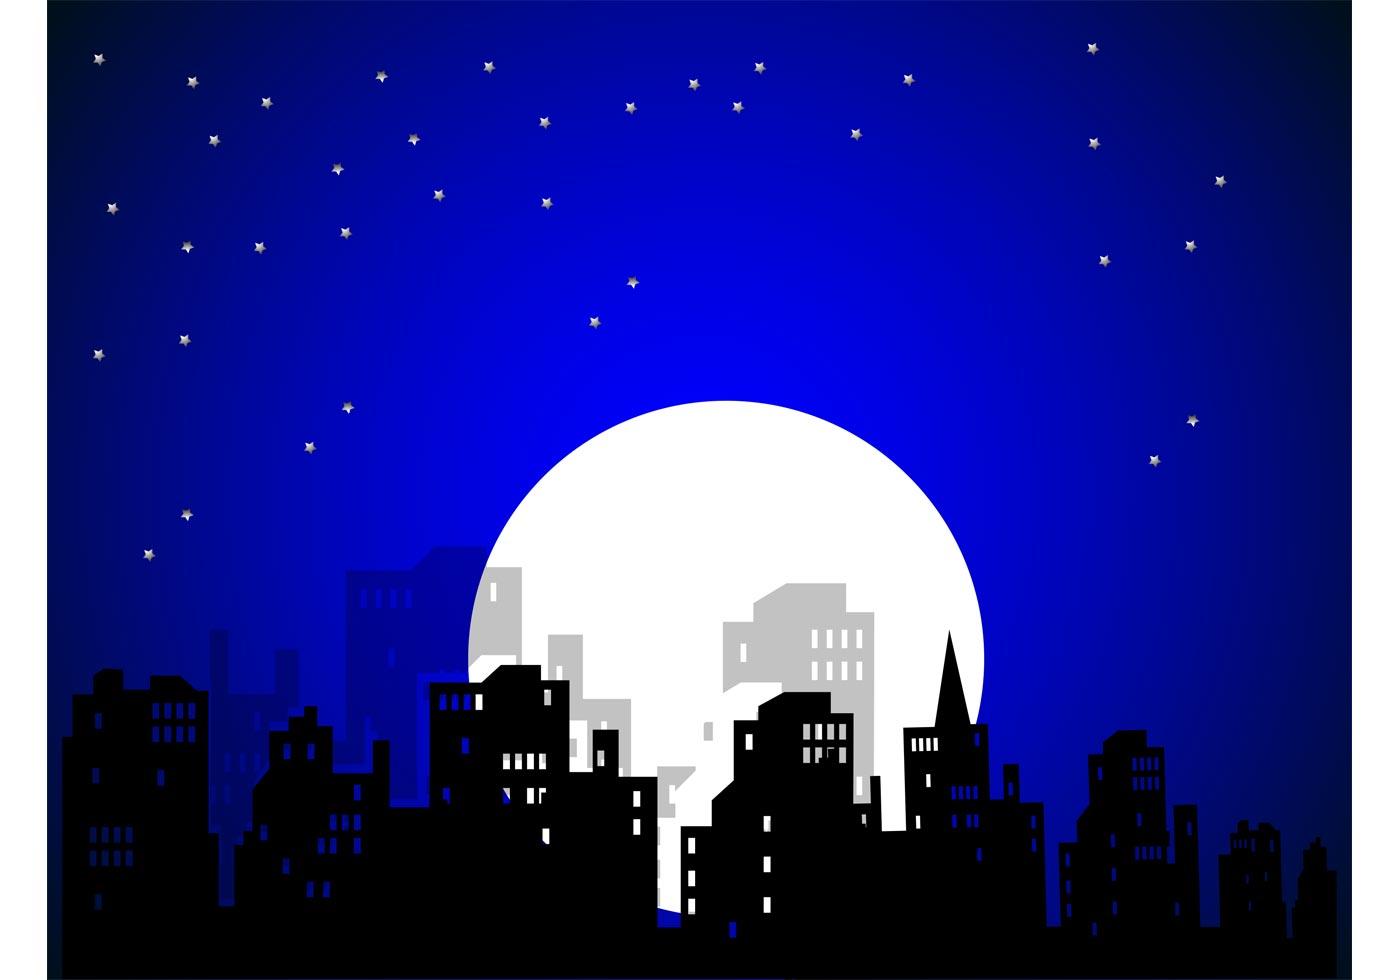 City Night Vector - Download Free Vector Art, Stock ...